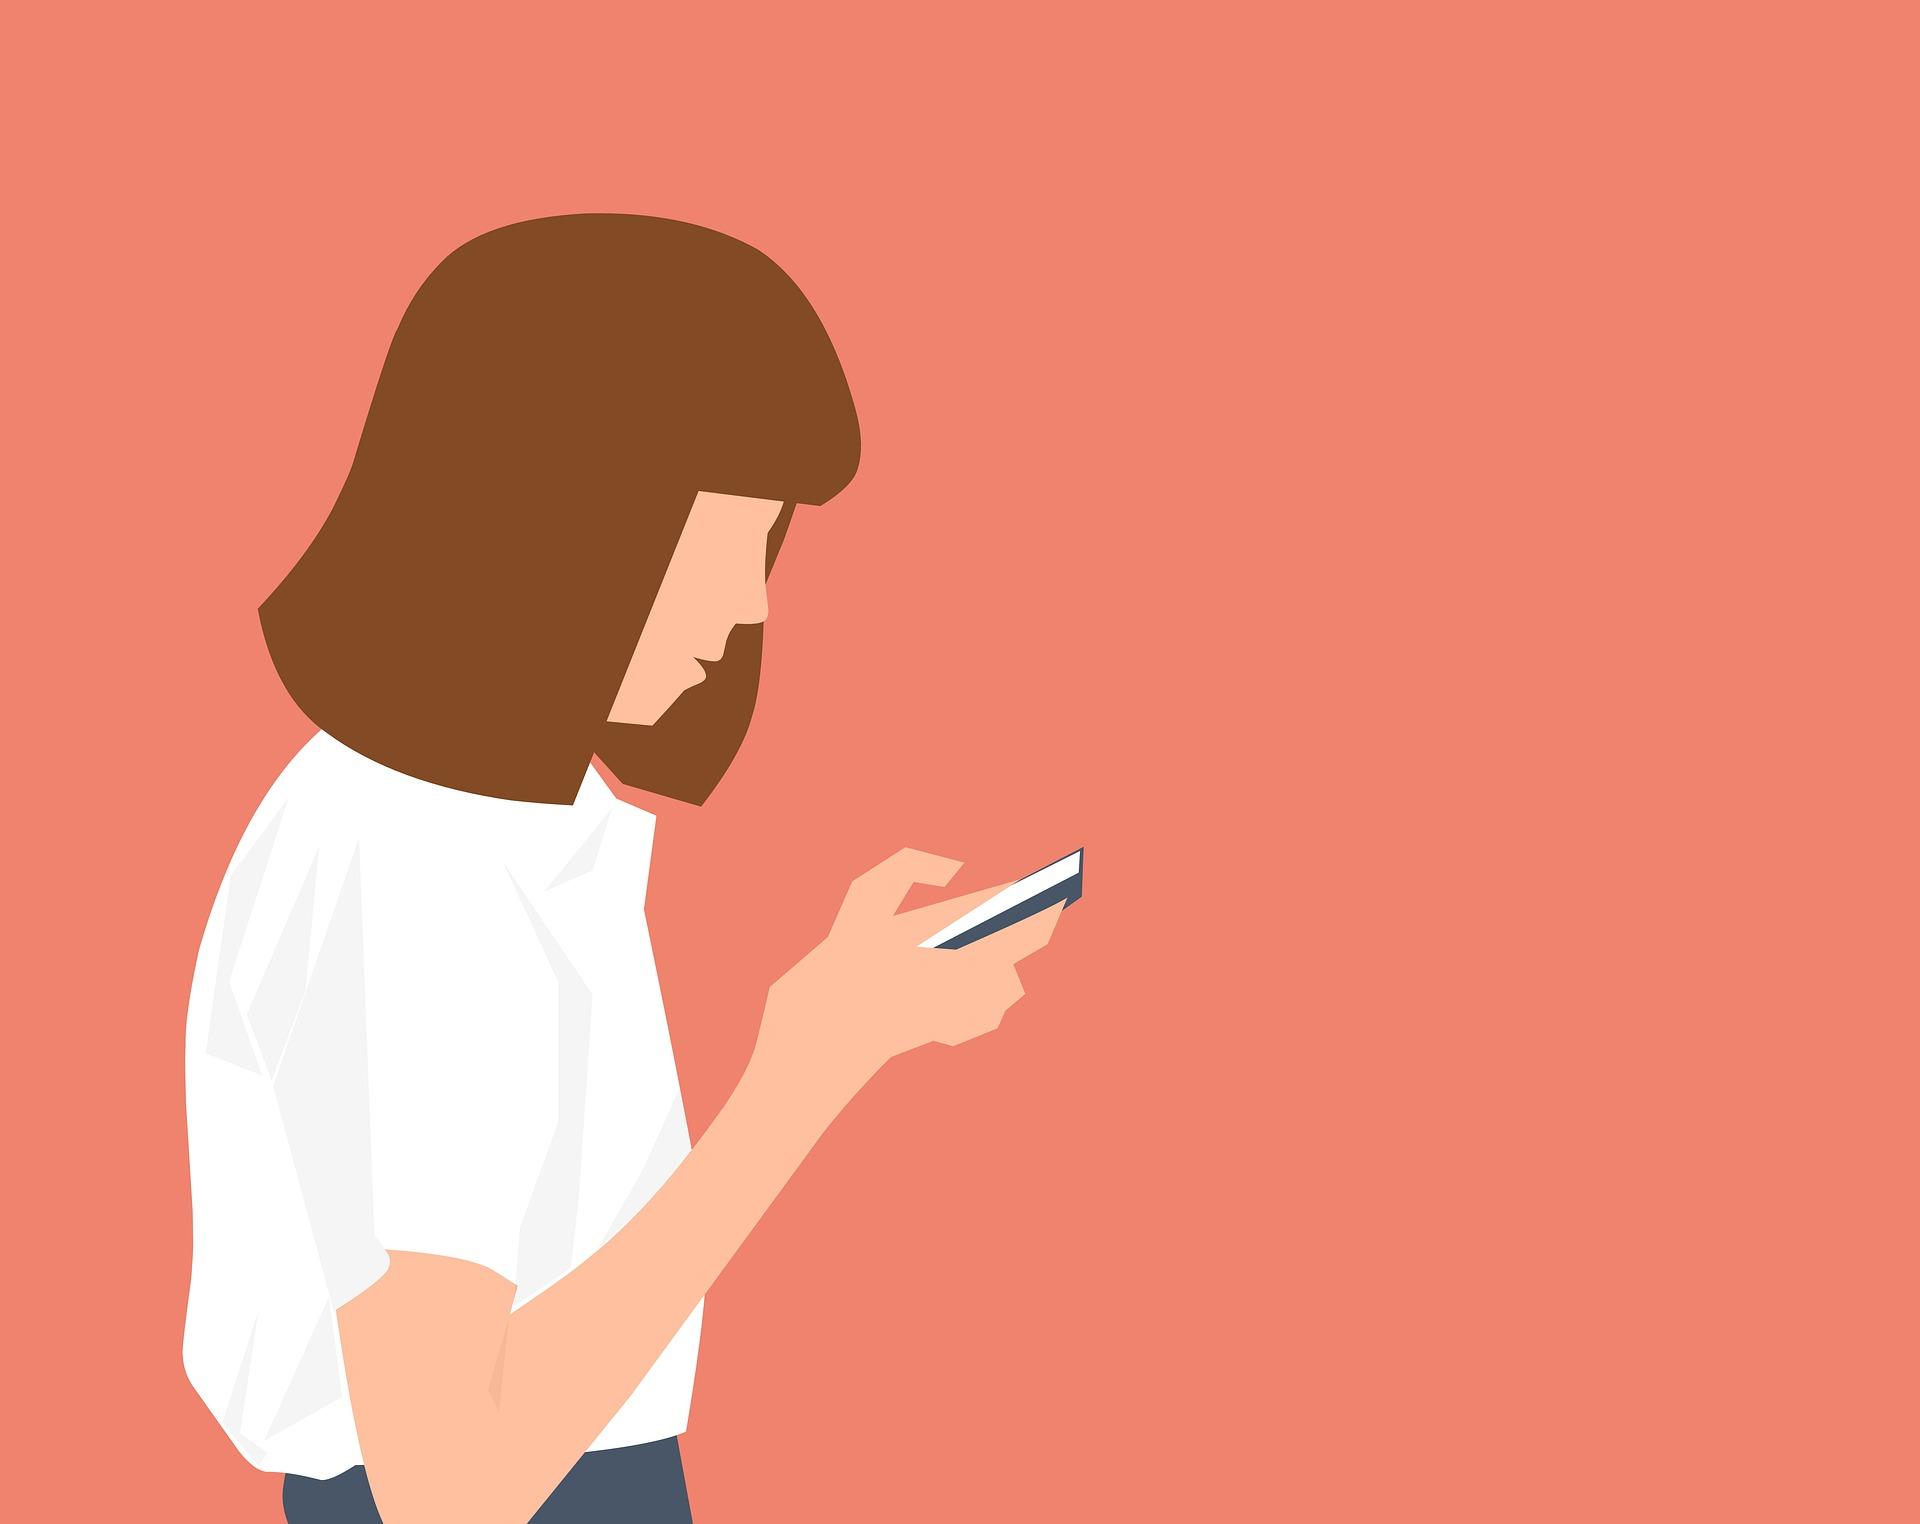 aplicativos que combatem violência contra mulher